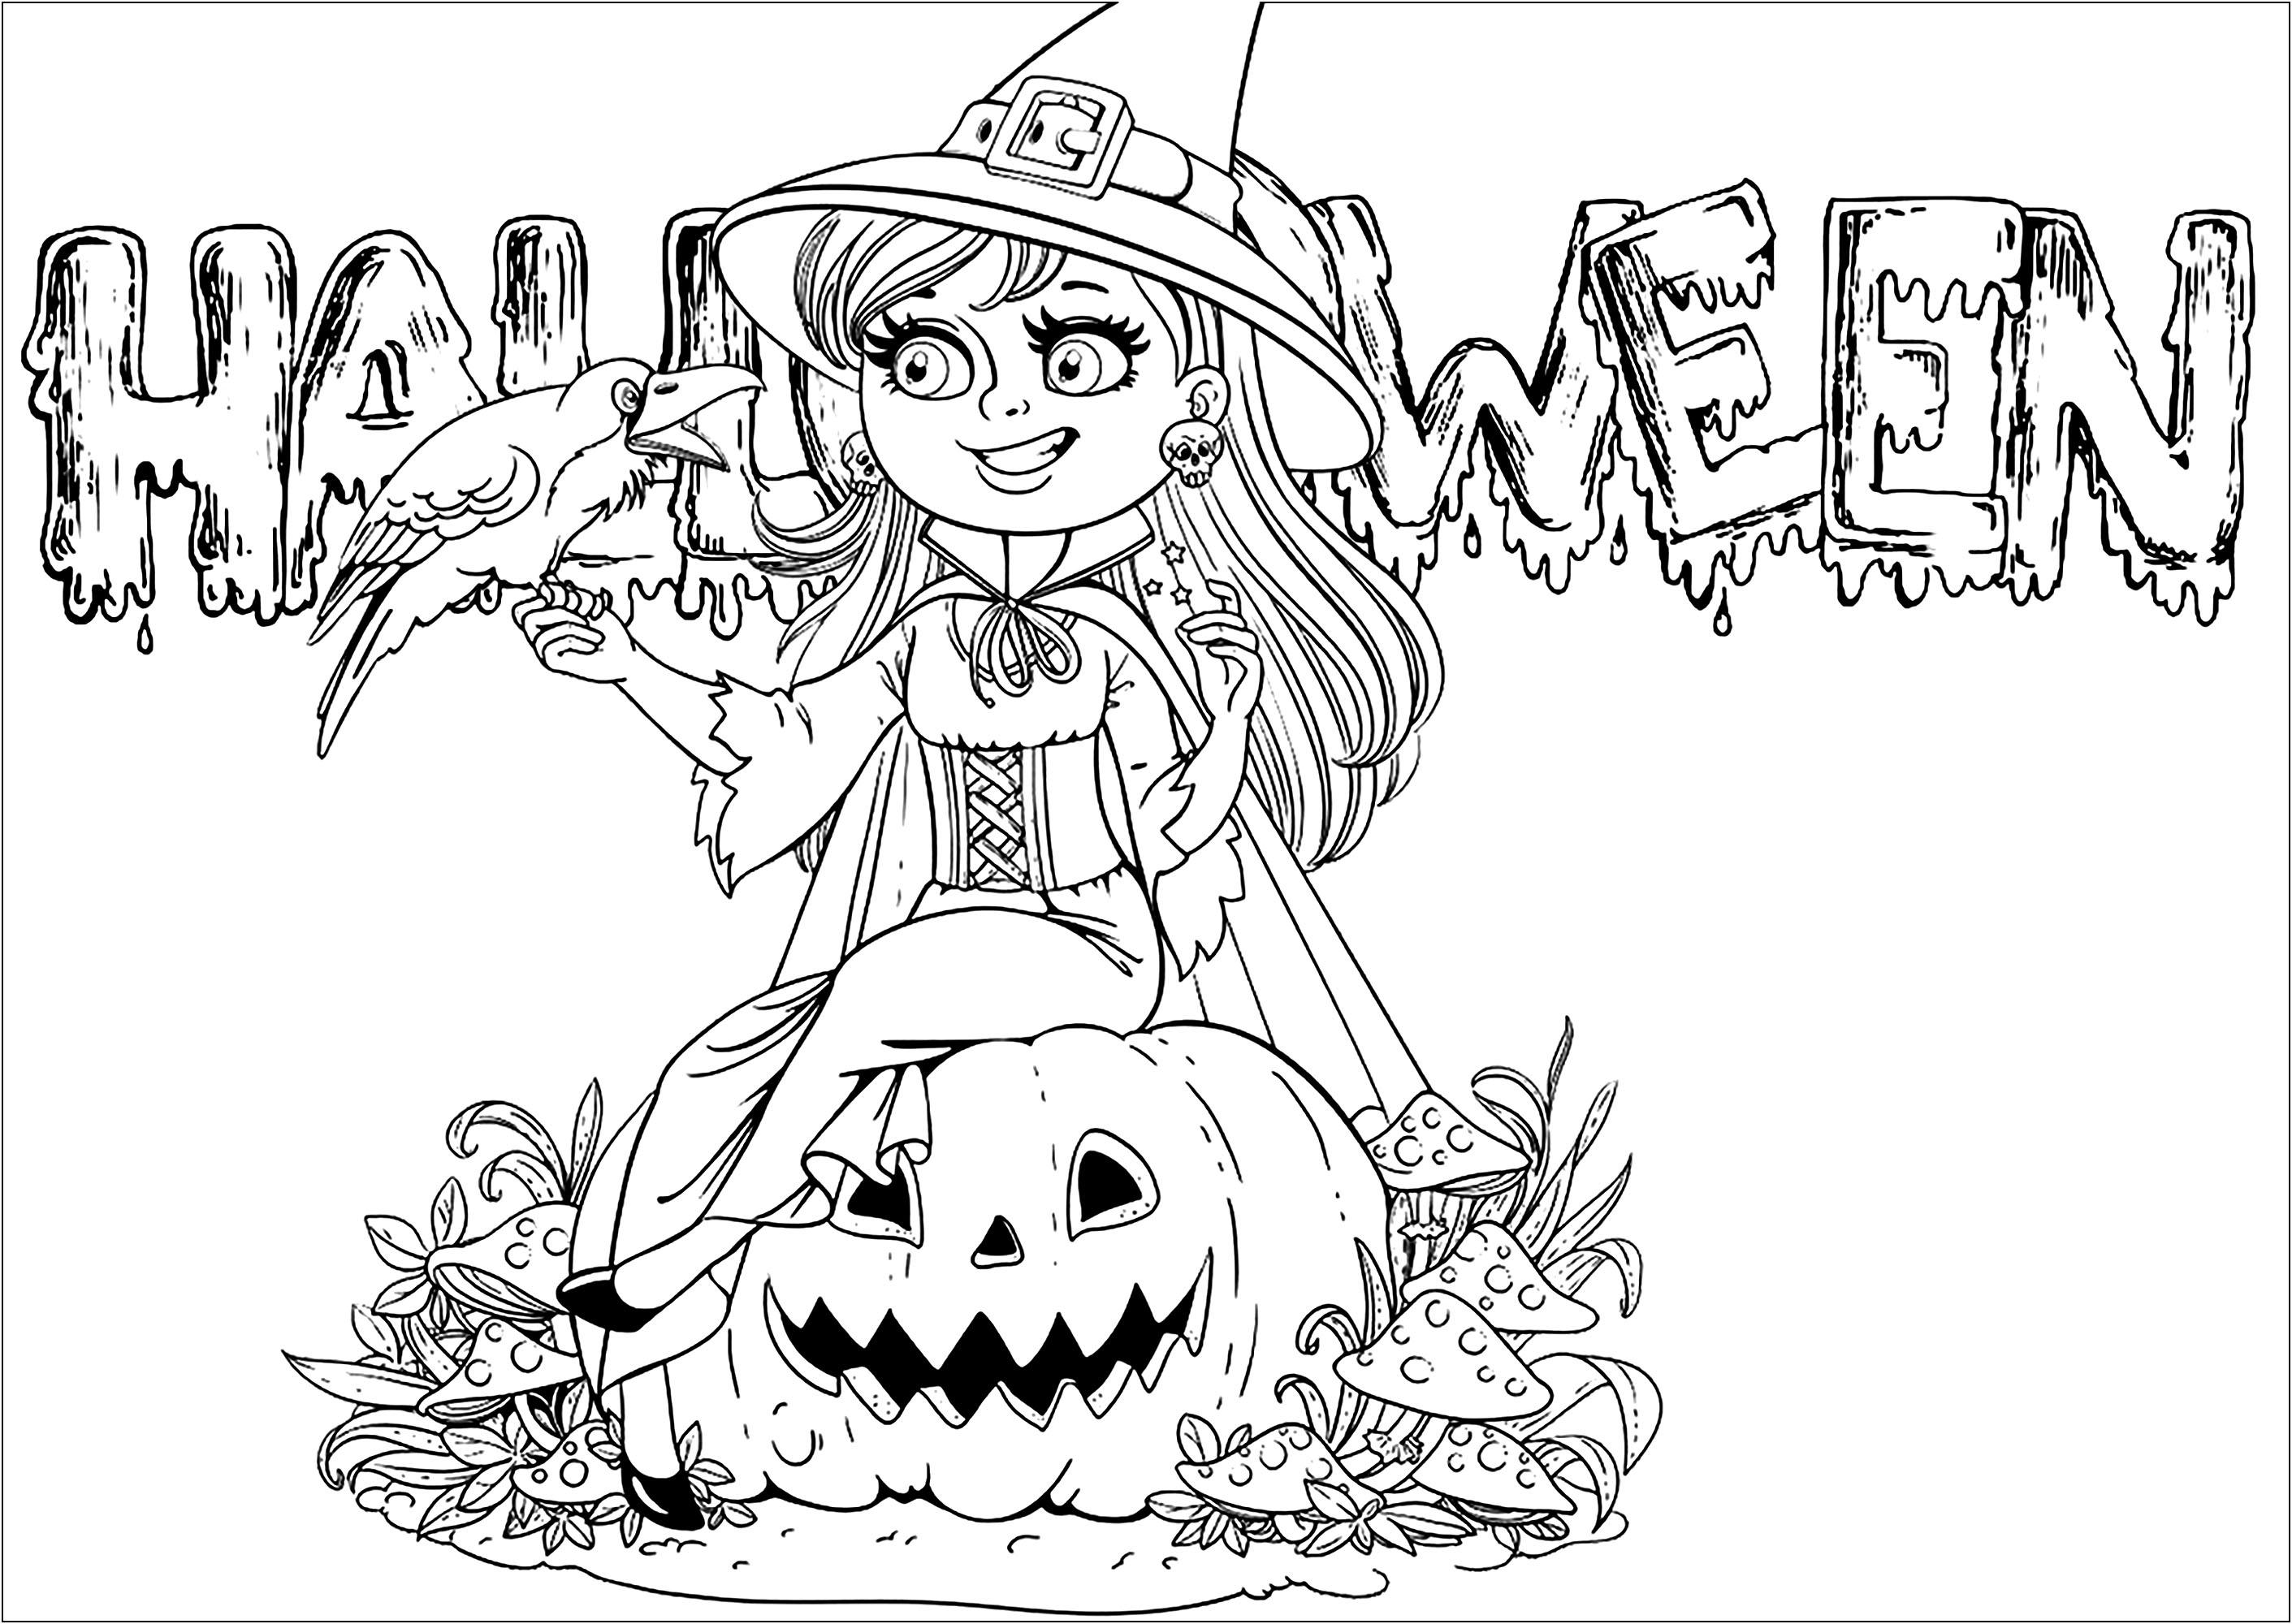 Disegni da Colorare per Adulti : Halloween - 4